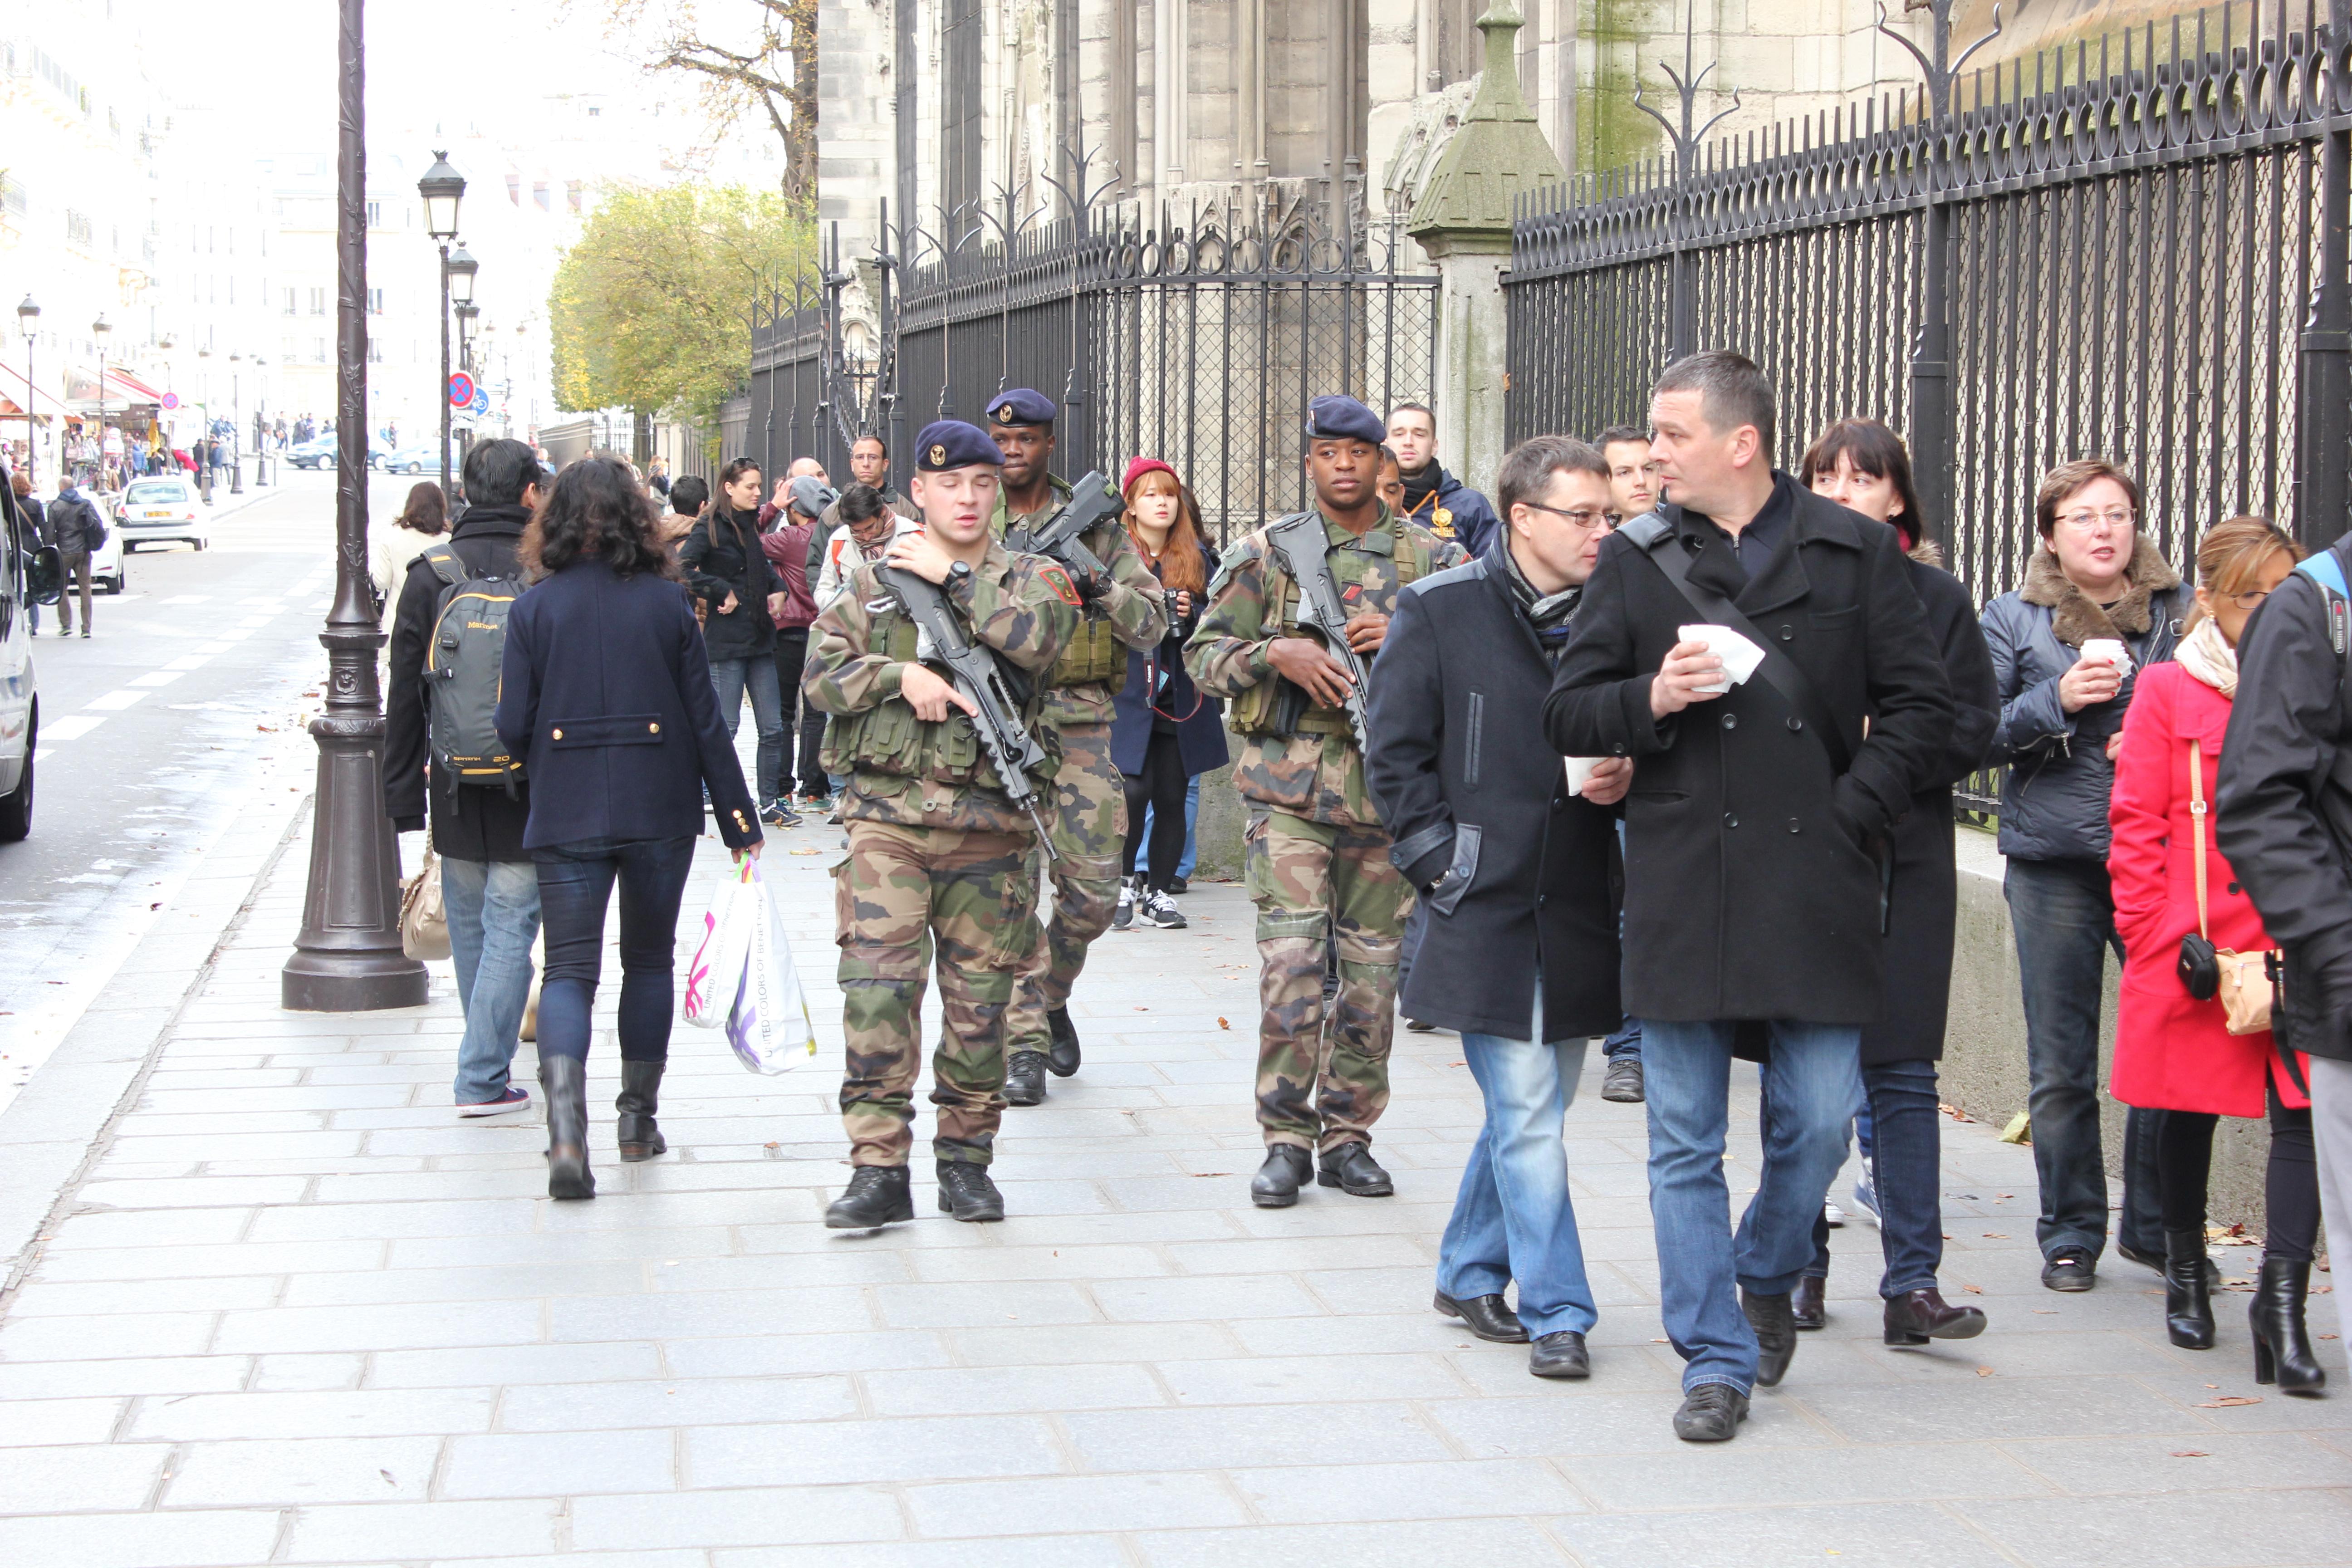 Polizei patroulliert durch Paris © Karin Lachmann